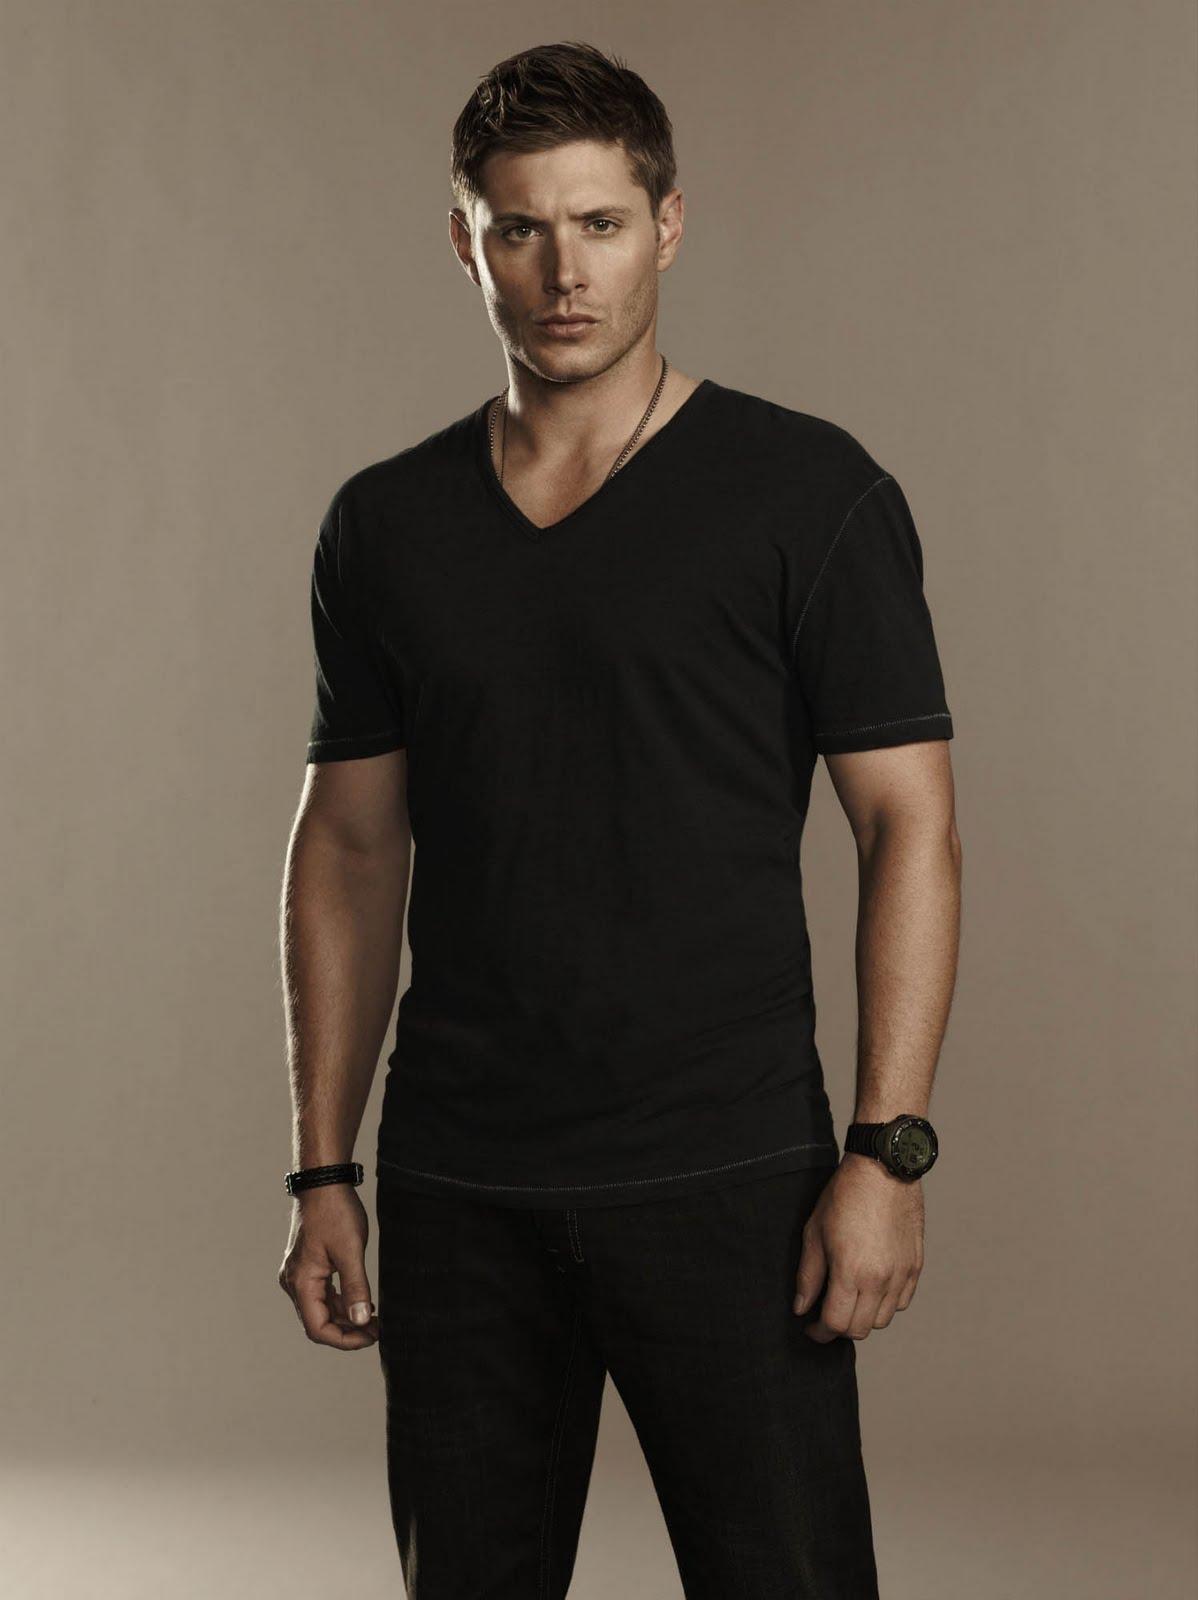 http://4.bp.blogspot.com/-UieY6zm4UMA/Td_EU6oY-bI/AAAAAAAAE-Y/afLsY2lXdx4/s1600/Jensen+Ackles+as+Dean+Winchester.jpg